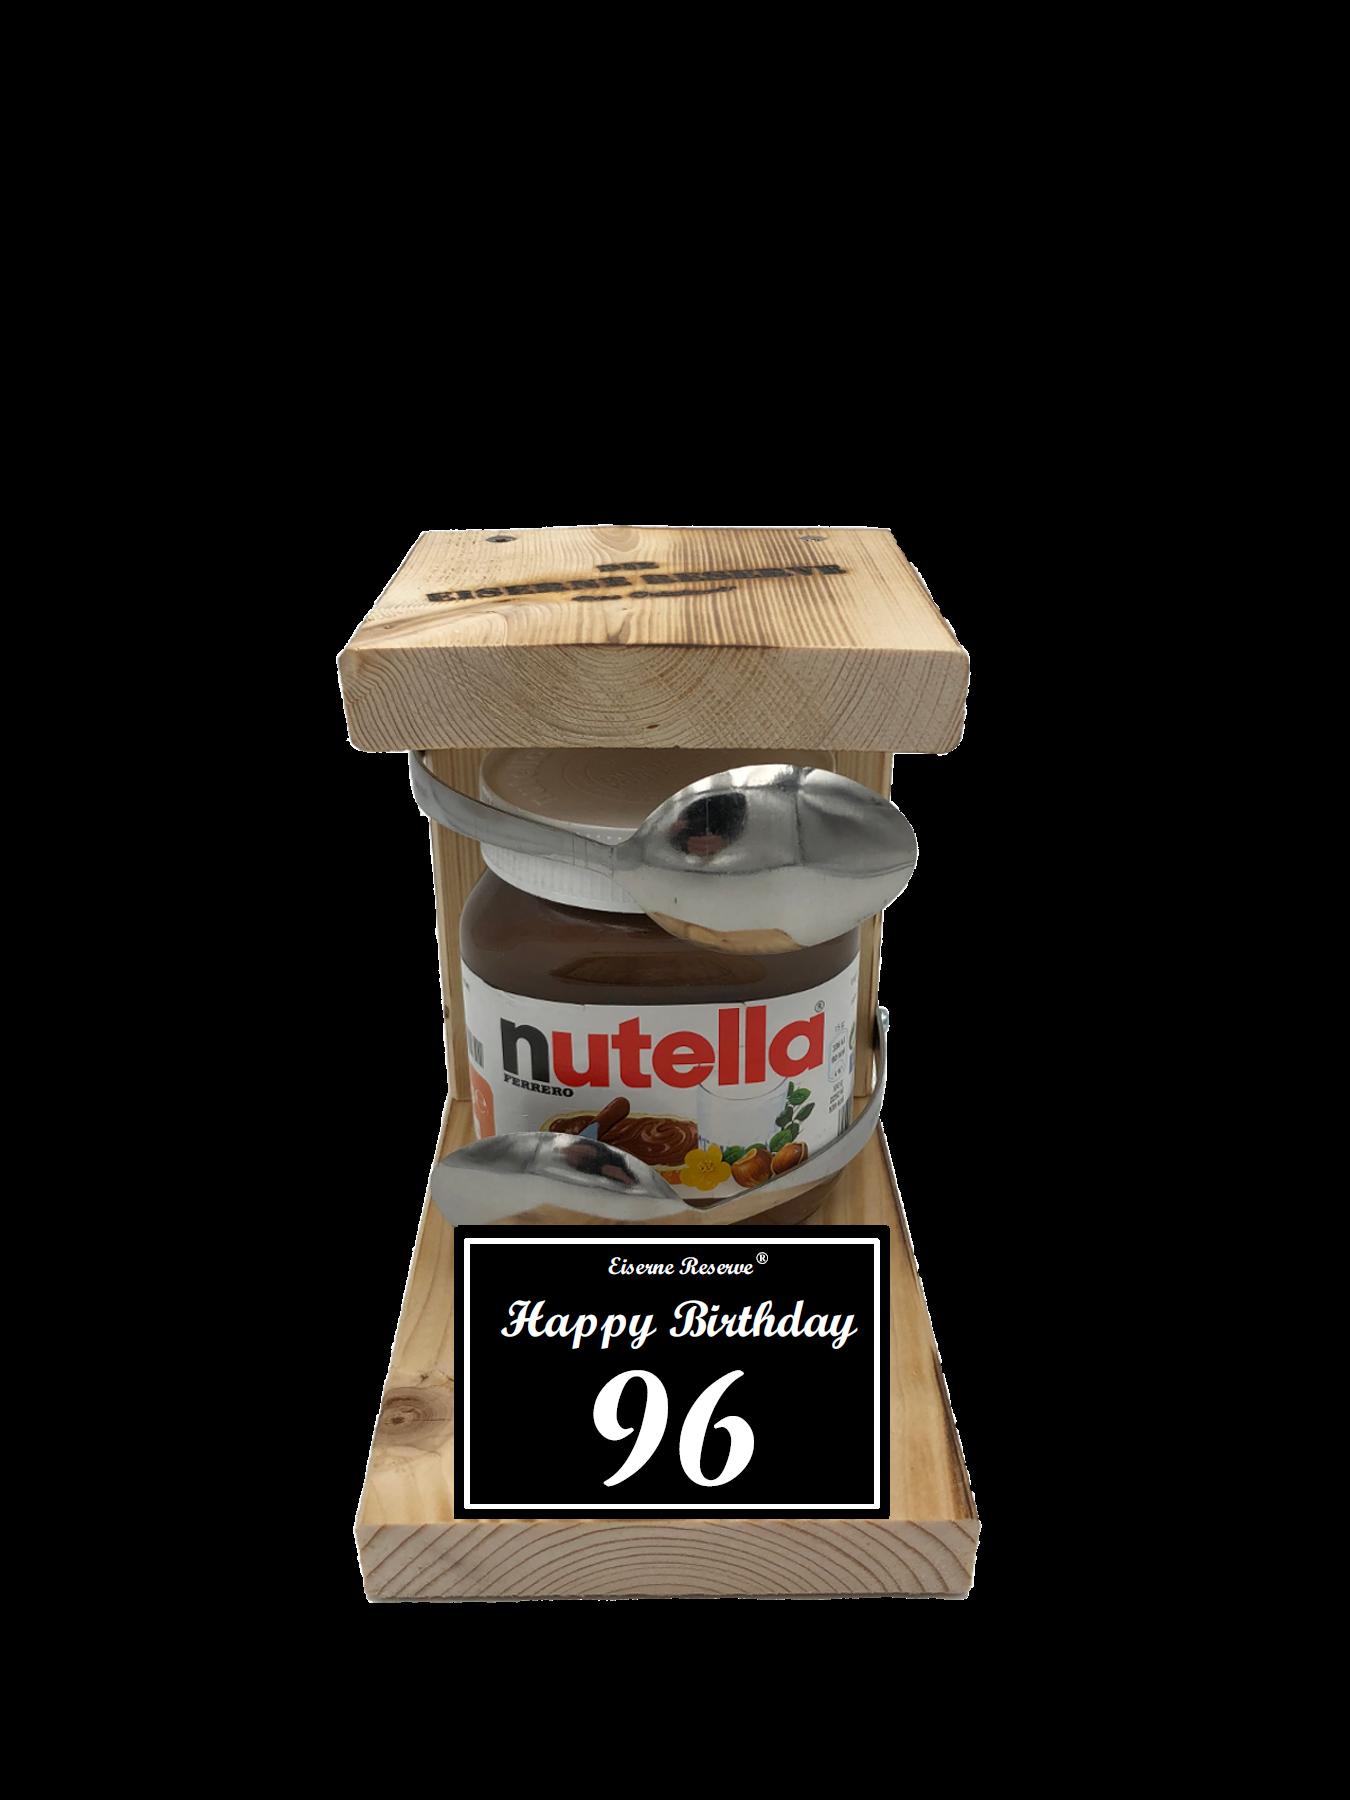 96 Happy Birthday Löffel Nutella Geschenk - Die Nutella Geschenkidee